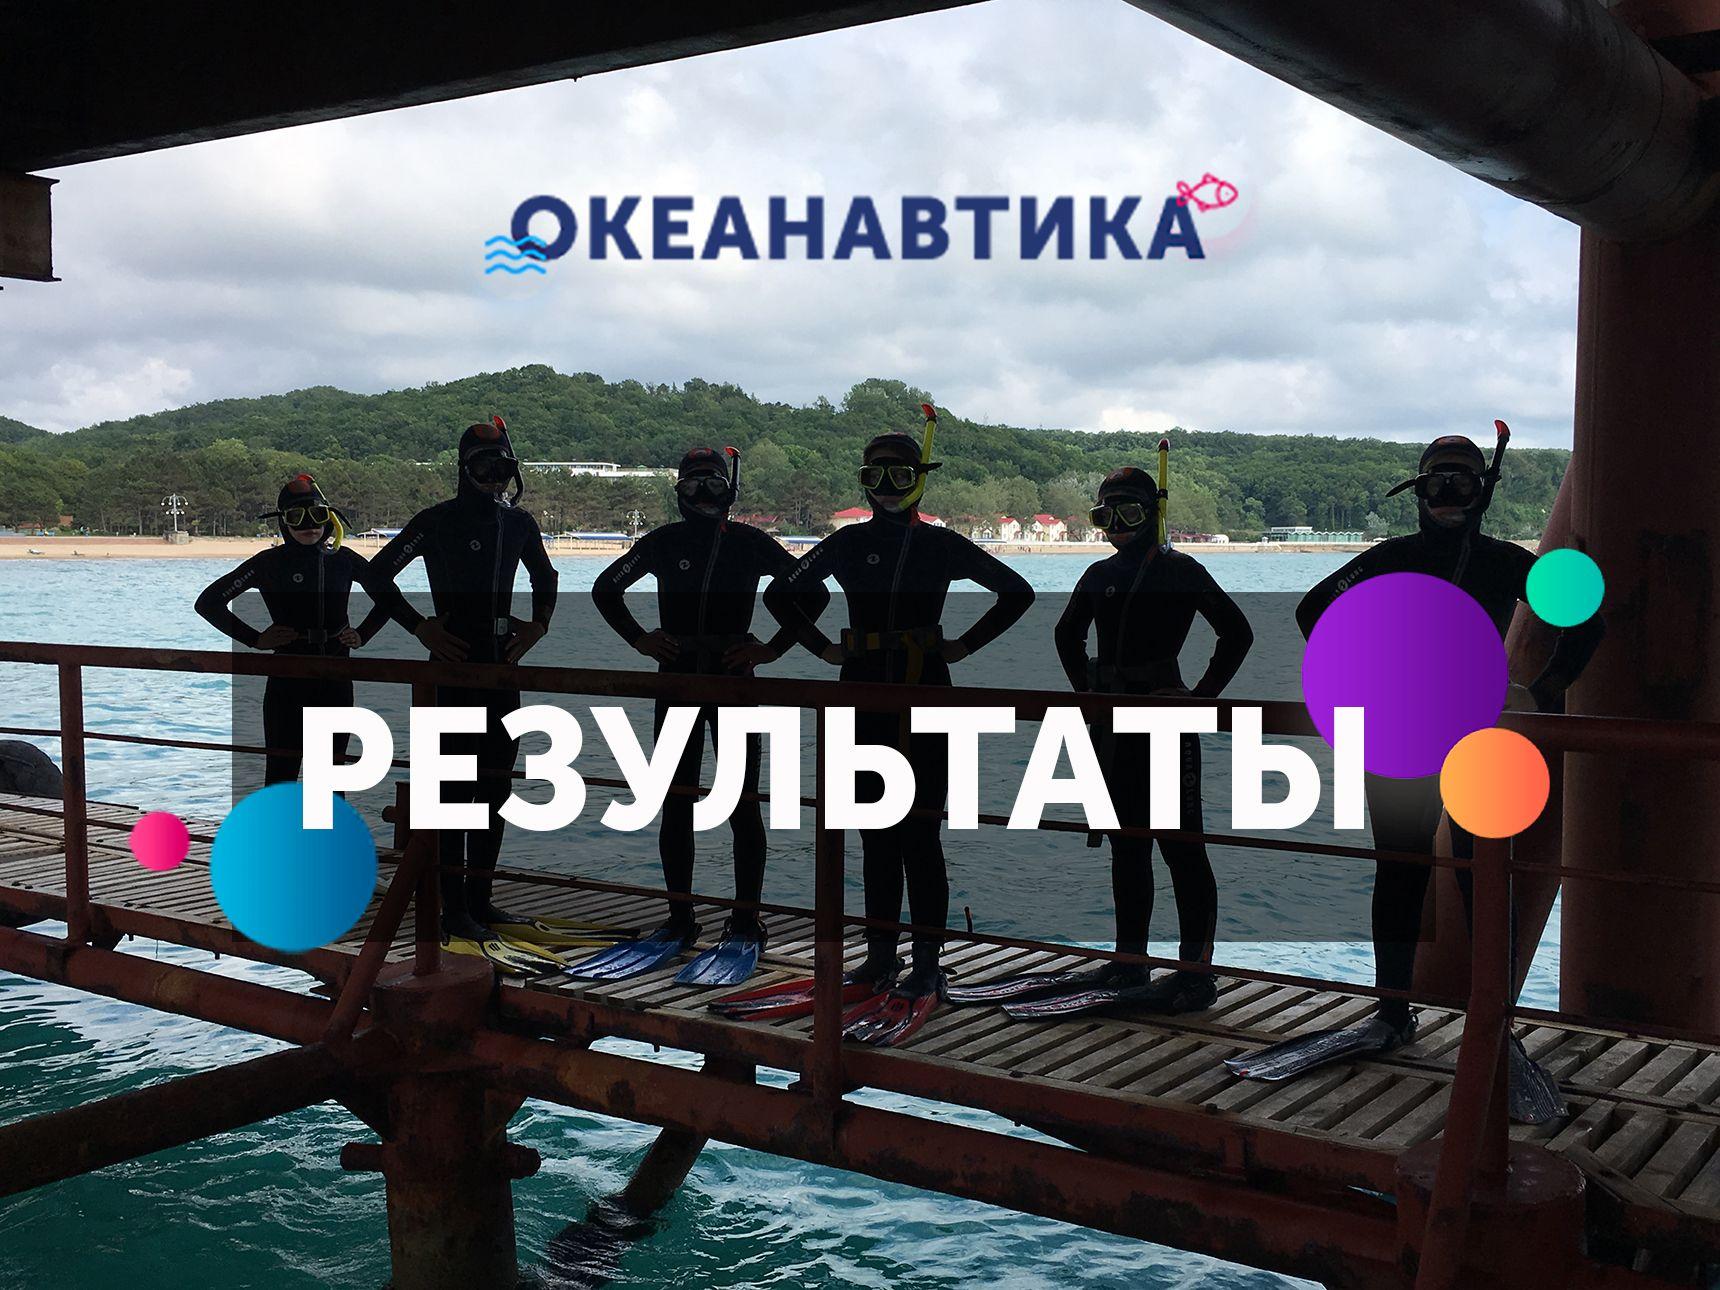 """Результаты отборочного этапа """"Океанавтика"""""""